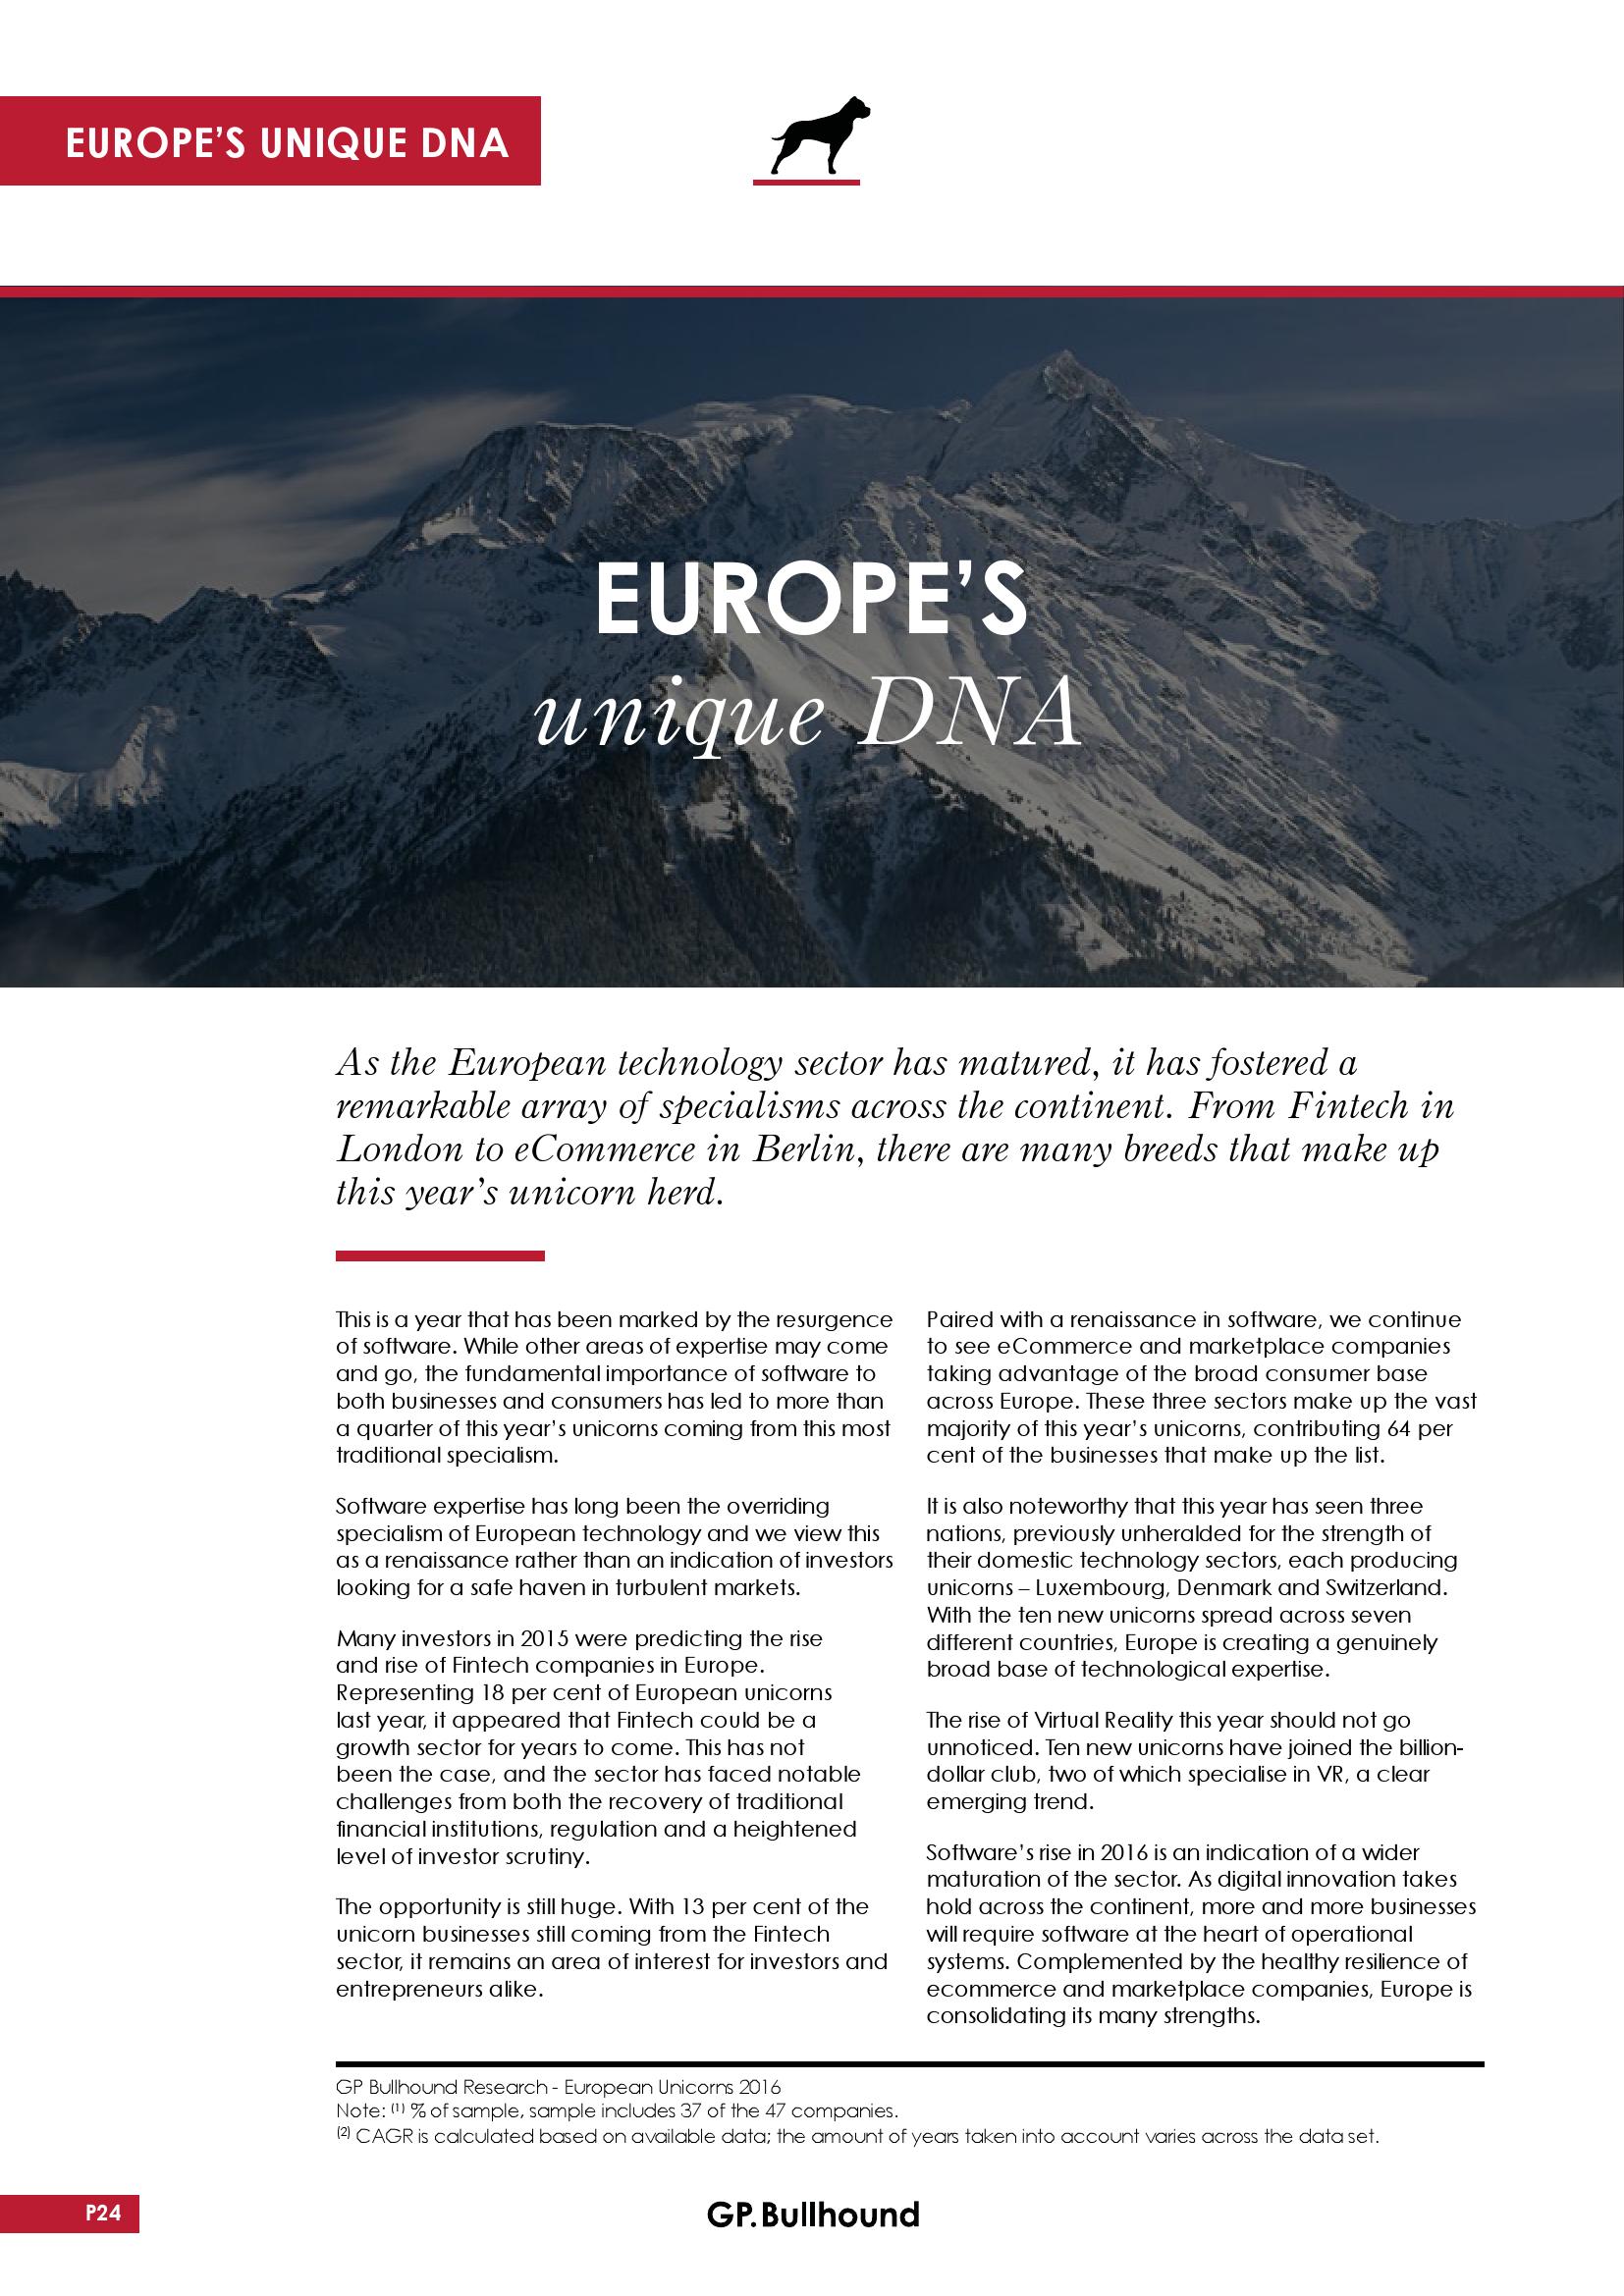 2016欧洲科技企业独角兽研究报告_000024